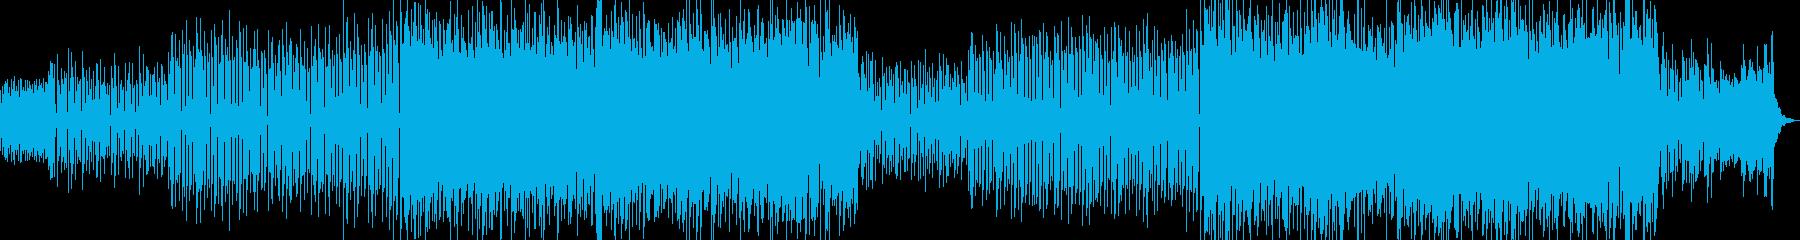 和風琴明るい幻想的透明感テクノの再生済みの波形